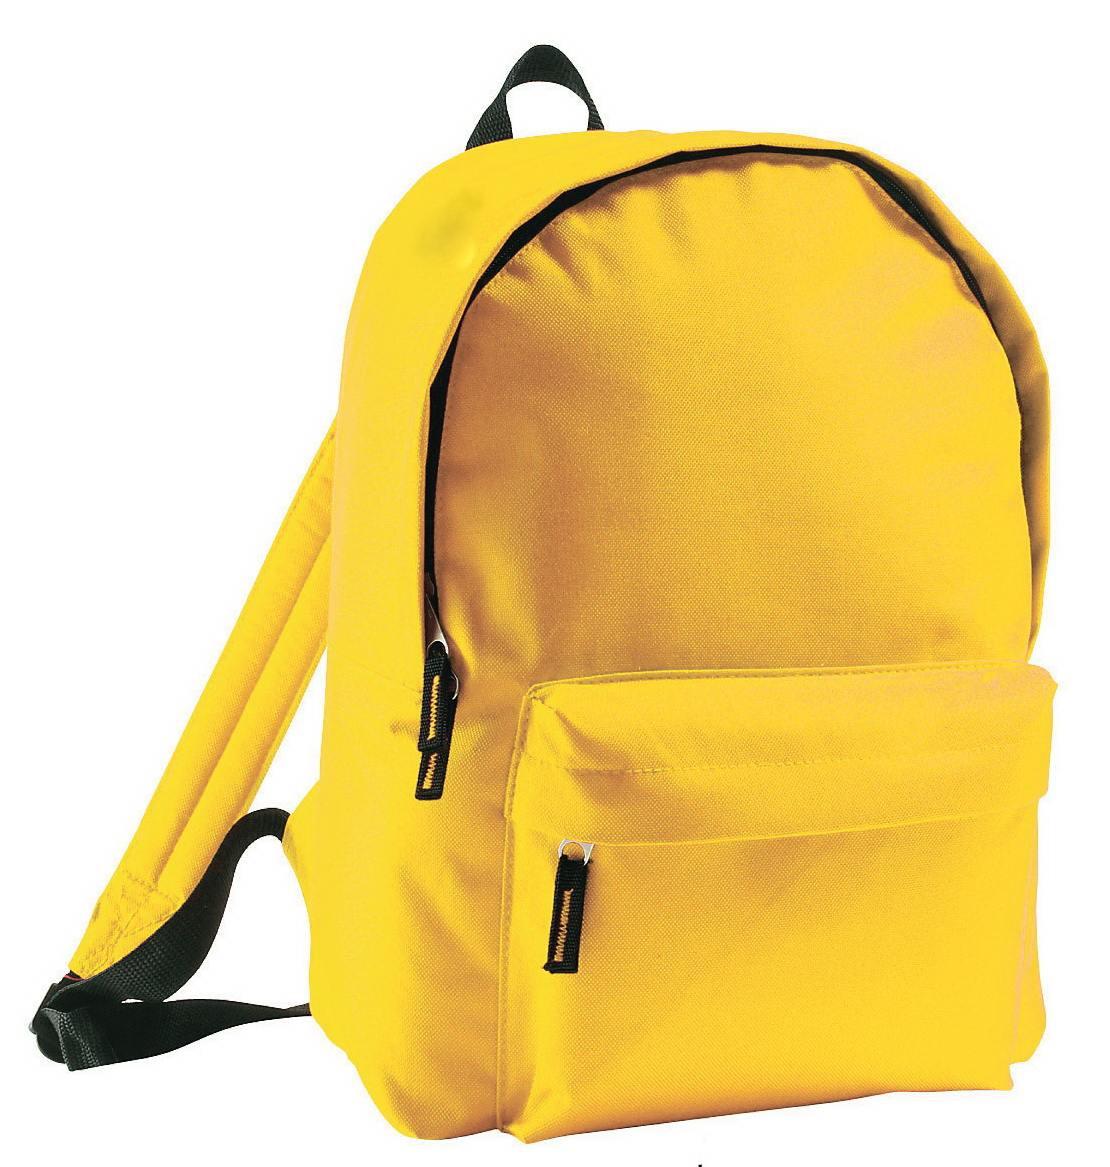 Рюкзак для прогулок. Рюкзак для спорта. Городской рюкзак. Жёлтый рюкзак.  Рюкзаки. f2f74cfc271